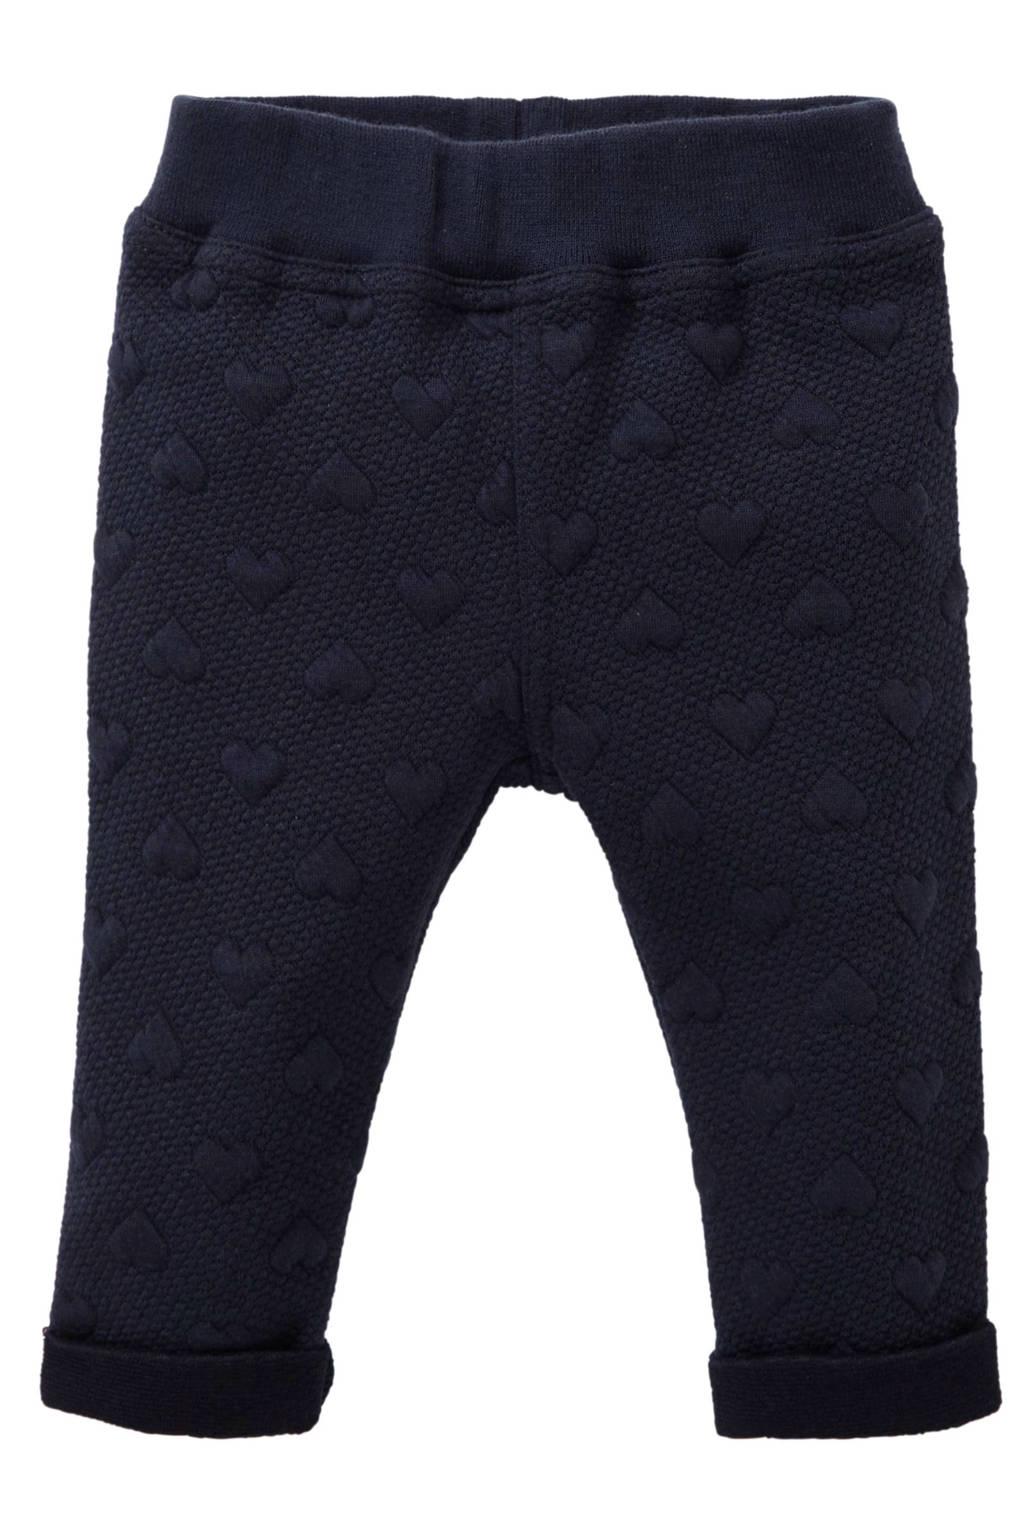 Quapi baby joggingbroek Xeleste met textuur donkerblauw, Donkerblauw